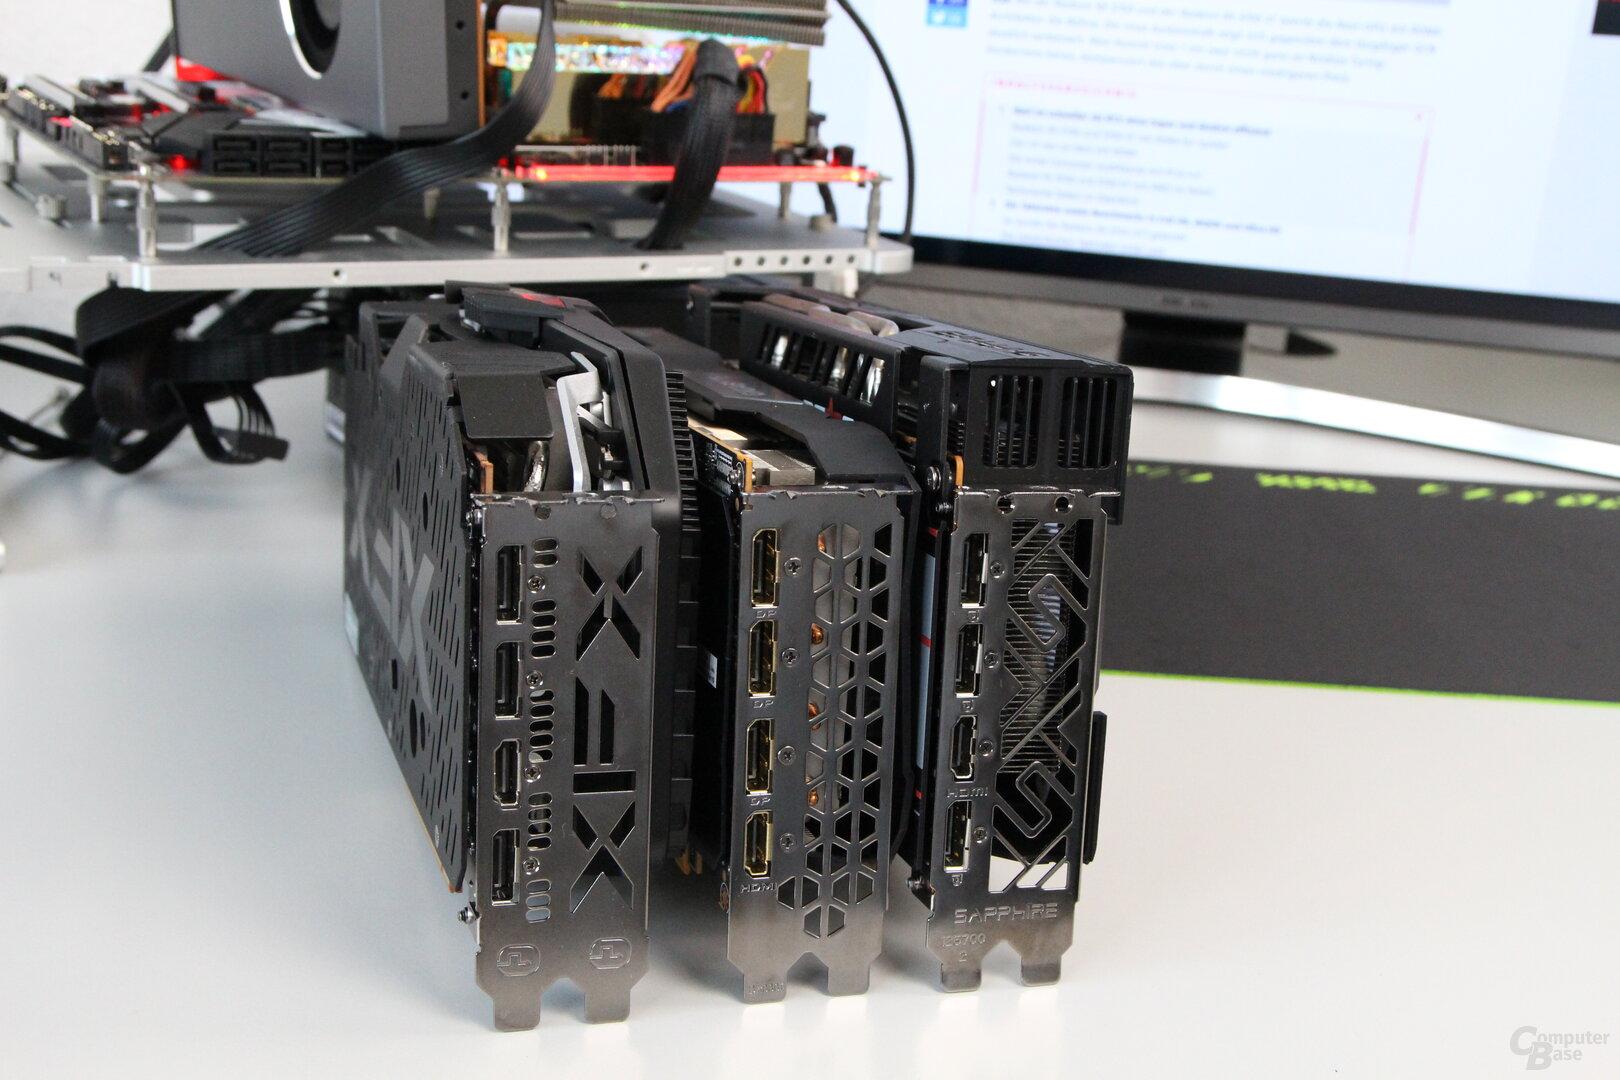 XFX RAW 2 (Links), Gigabyte Gaming OC (Mitte) und Sapphire Pulse (Rechts)